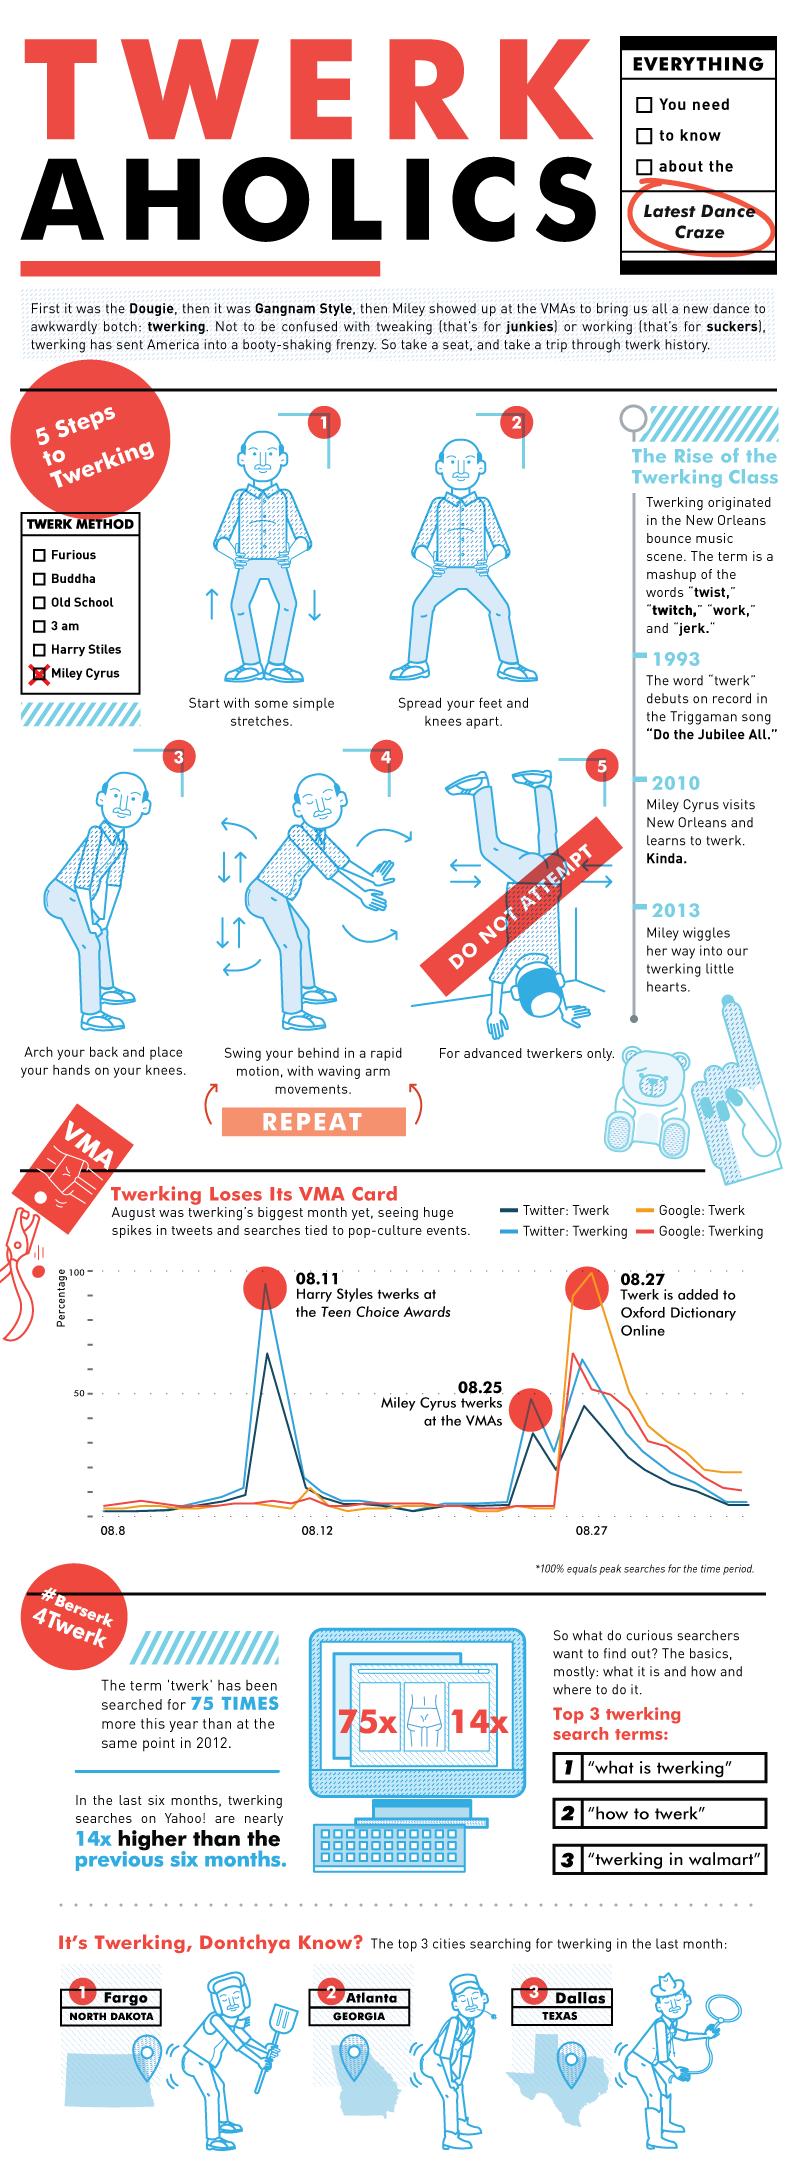 Addvocate_Twerking_Infographic_01